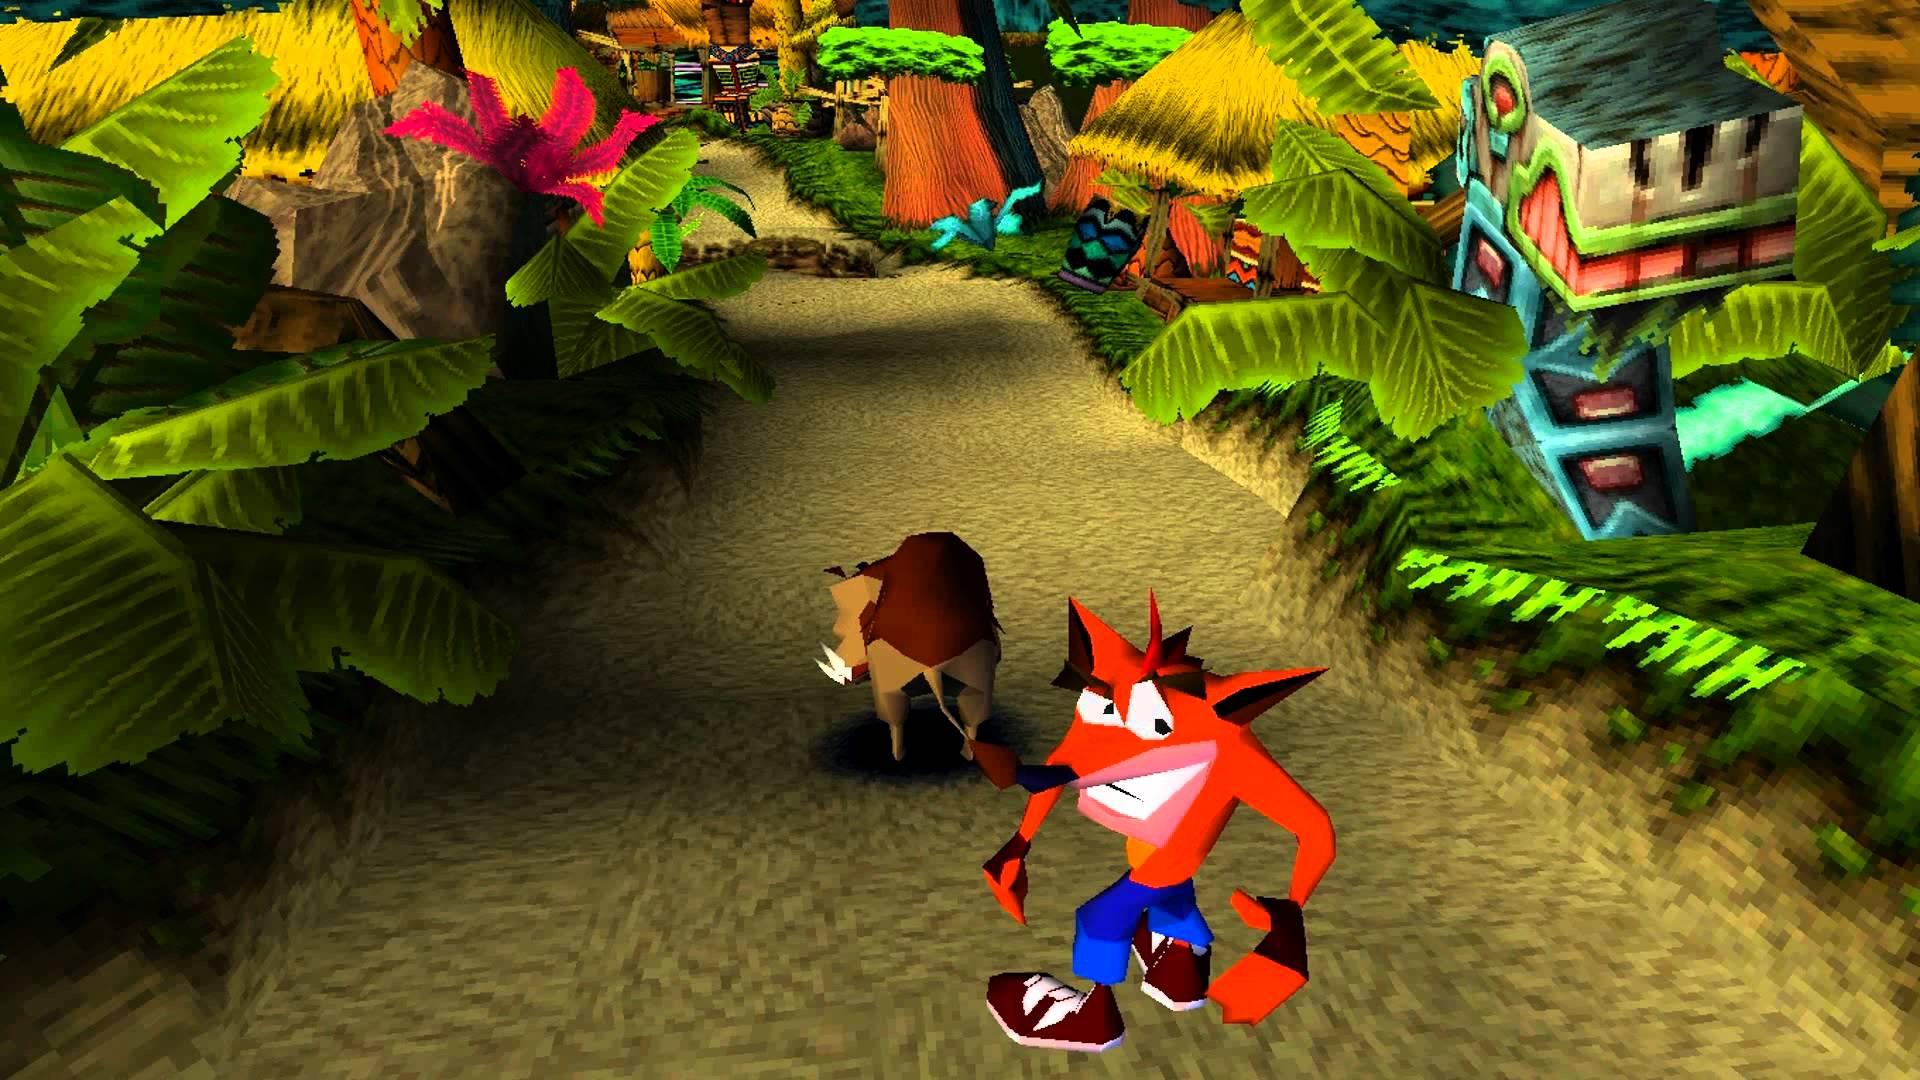 Crazy Crash Bandicoot